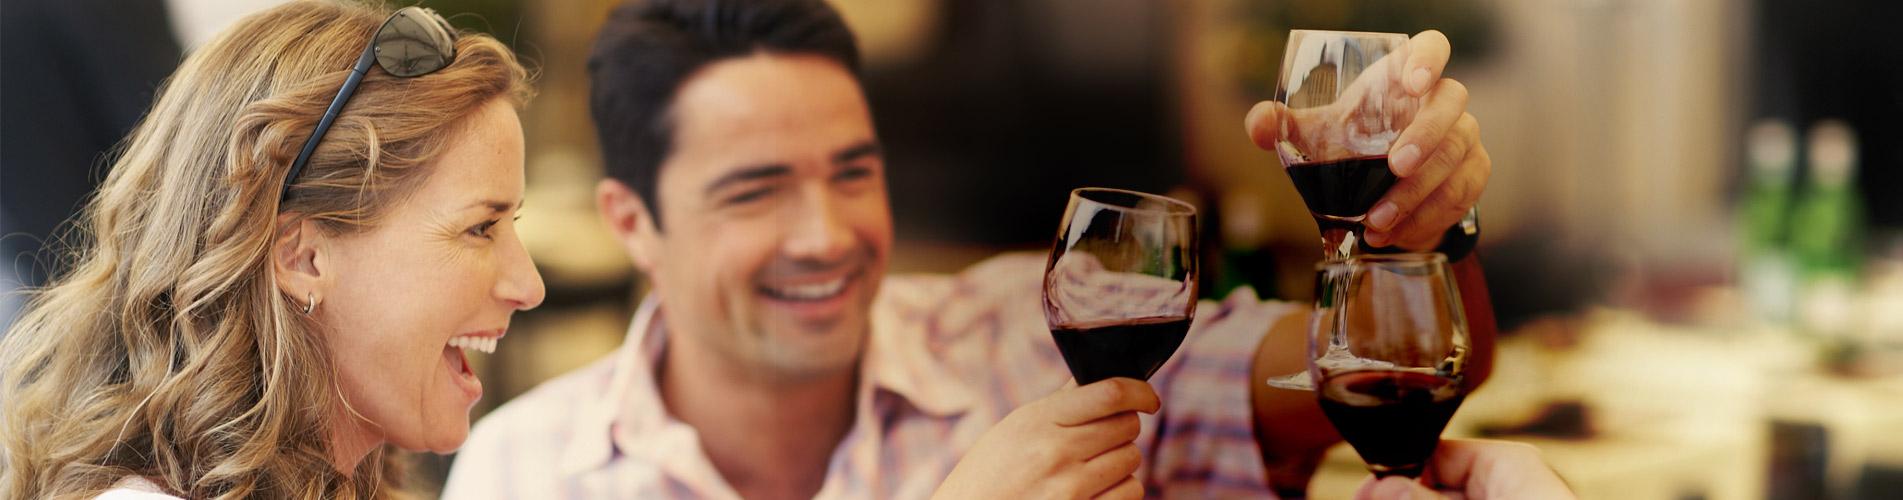 Vino, enología y viticultura para disfrutar